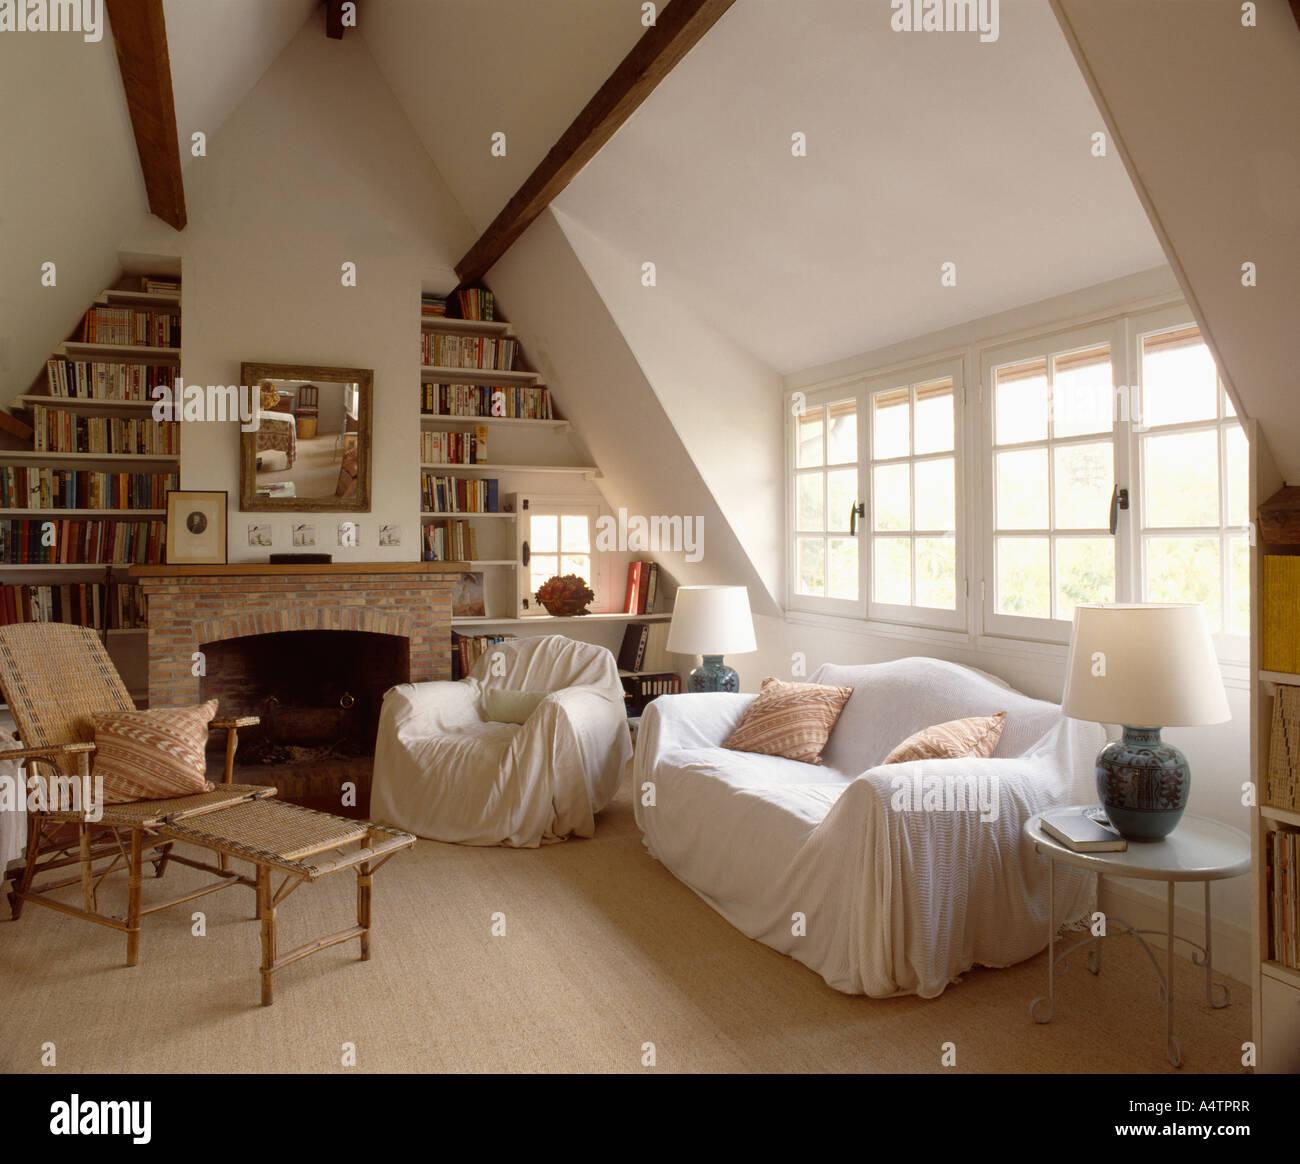 Wunderbar Rattanmöbel Wohnzimmer Referenz Von Free Sisal Teppich Und Rattan In Loft